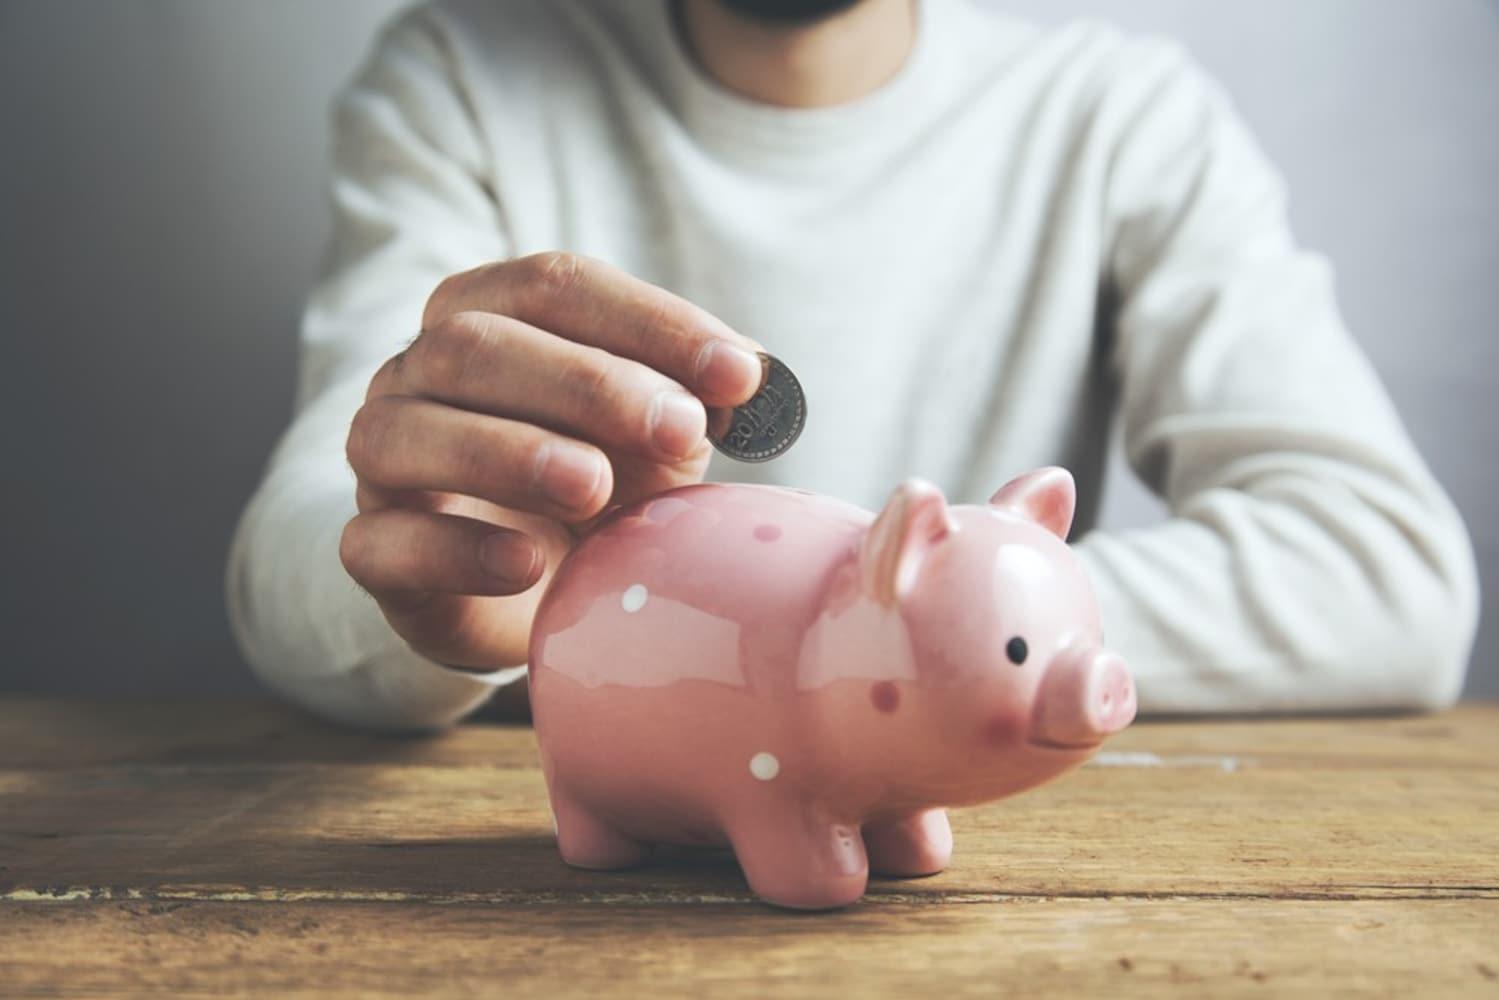 価格 機能と予算のバランスを見て選ぼう